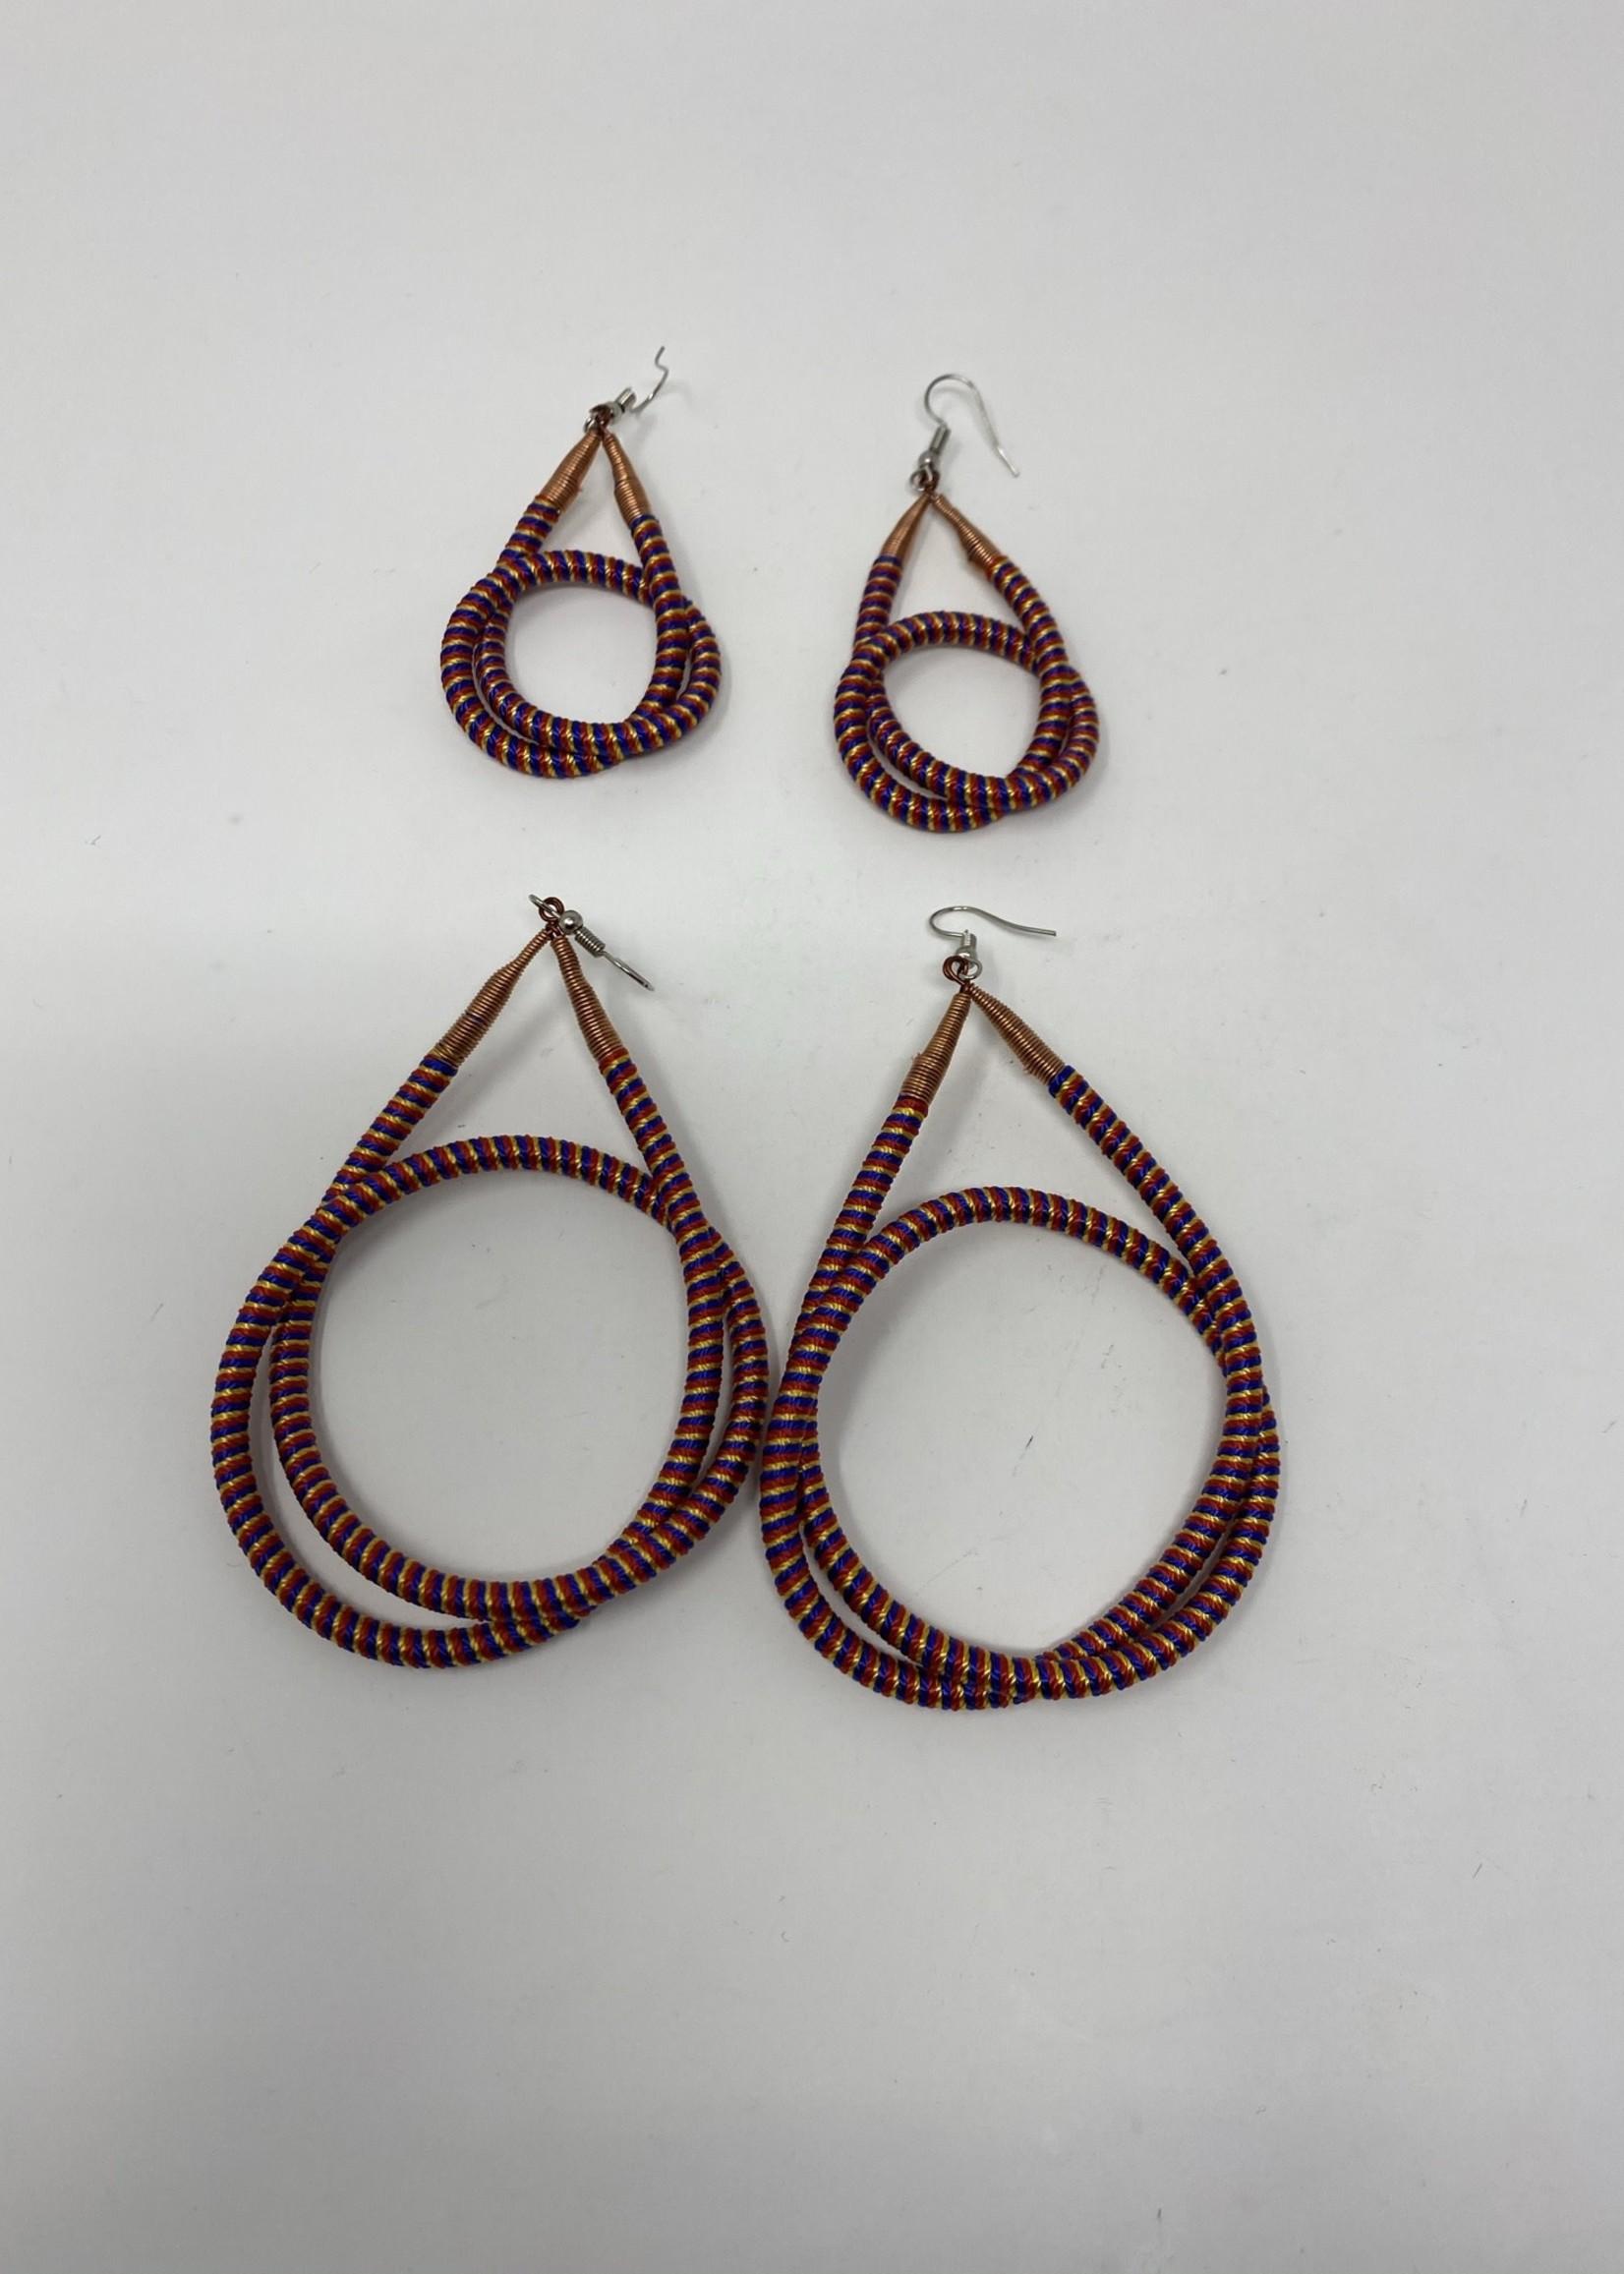 SWAZI KNOT EARRINGS (MEDIUM)